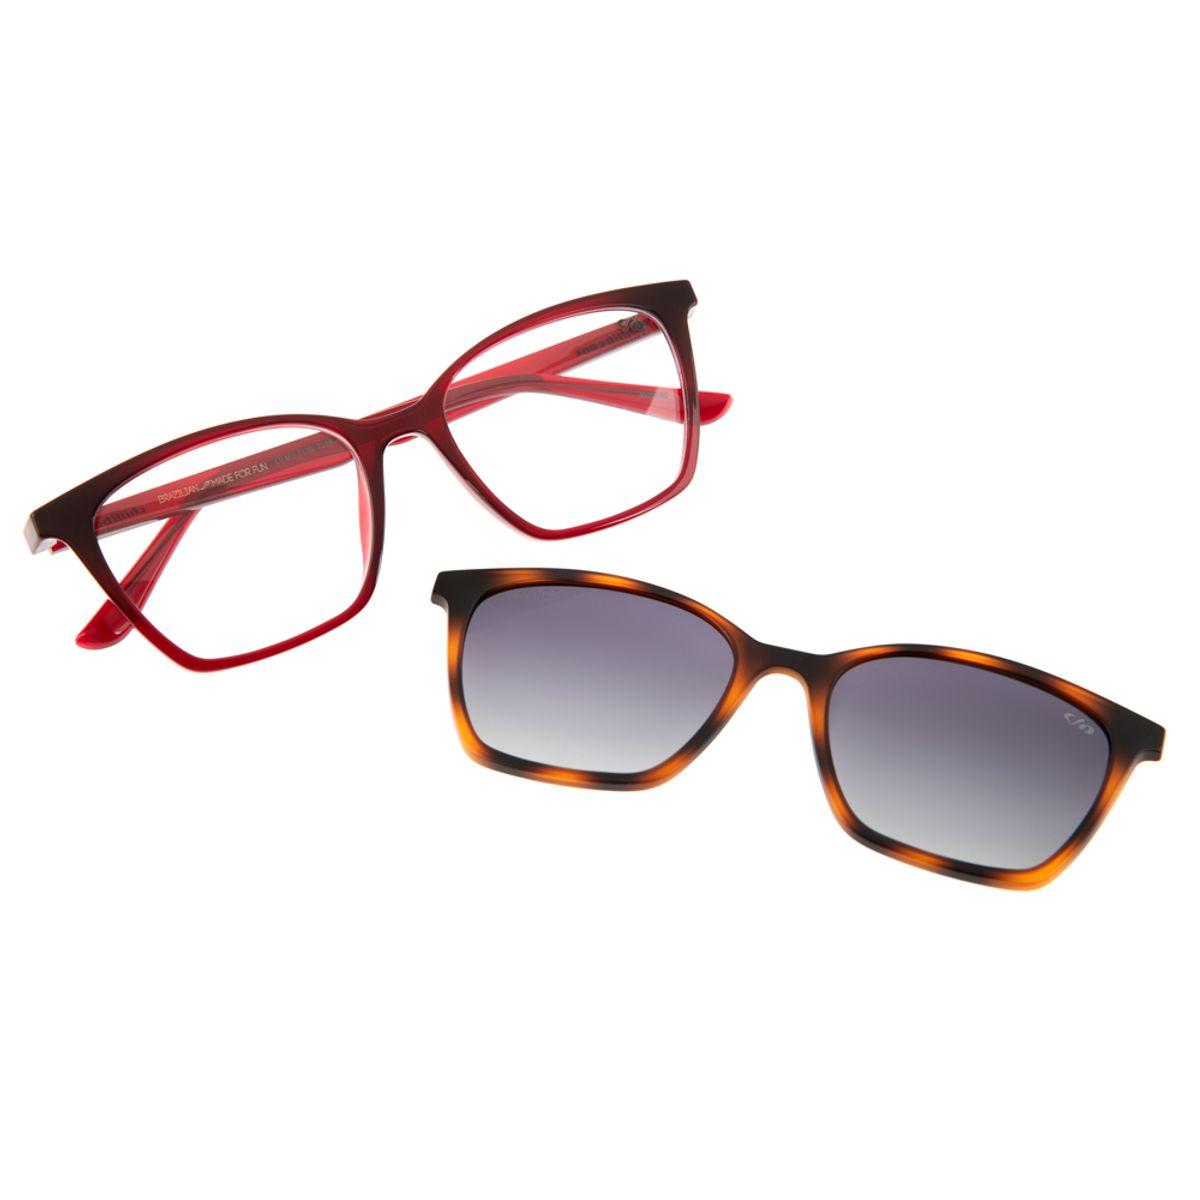 287460a5b Previous. armacao para óculos de grau feminino gatinho chilli beans multi  polarizado vermelho ...